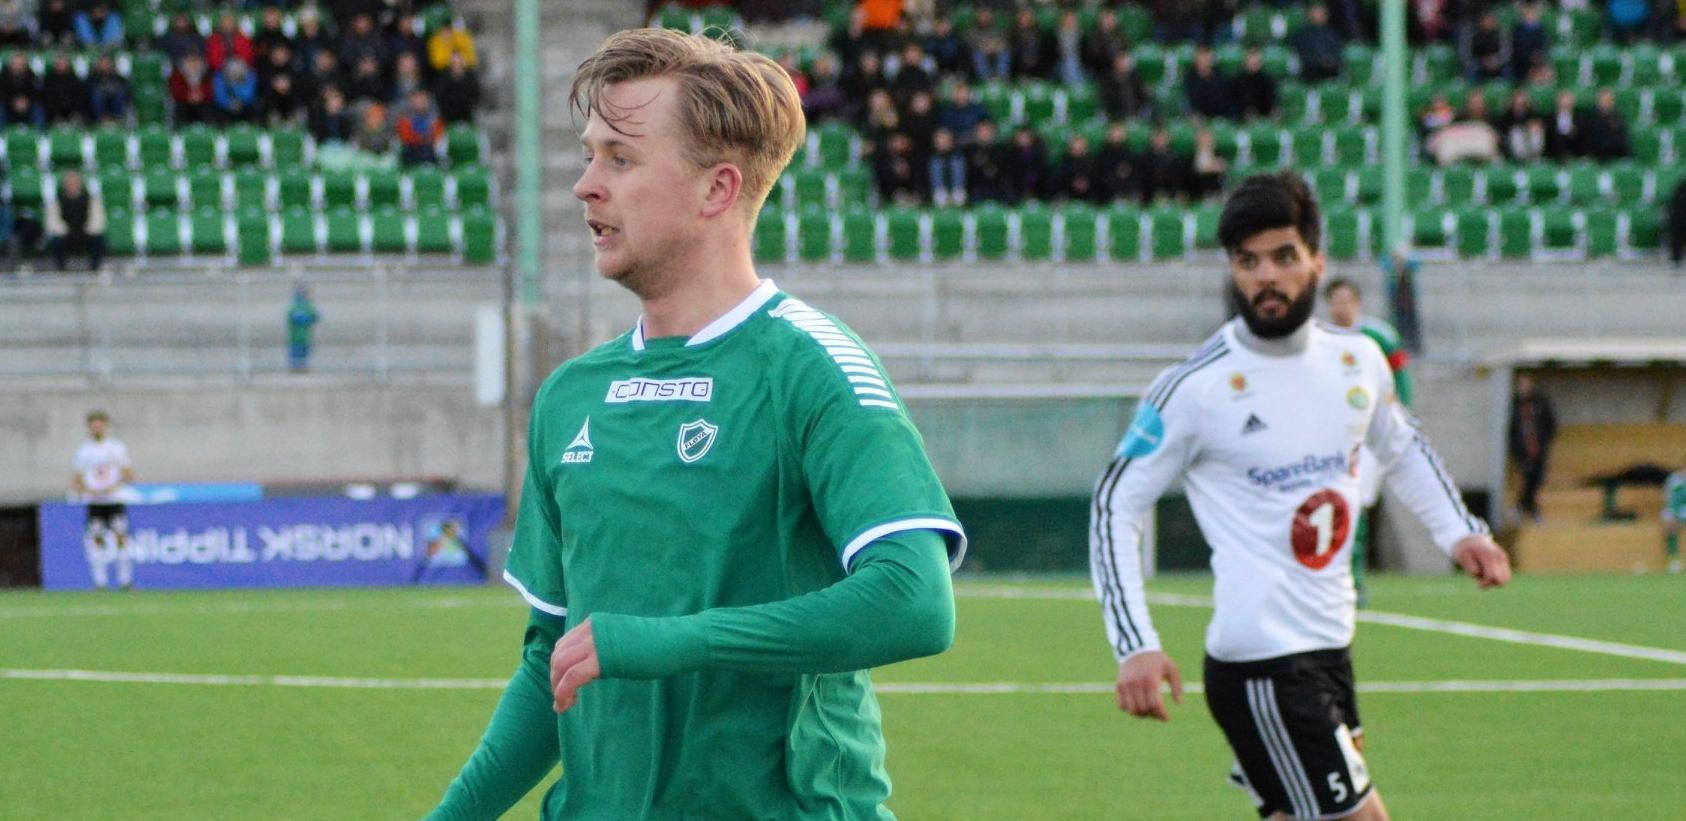 Fredrik Riise Allertsen klar for Lyn. Foto: IF Fløya